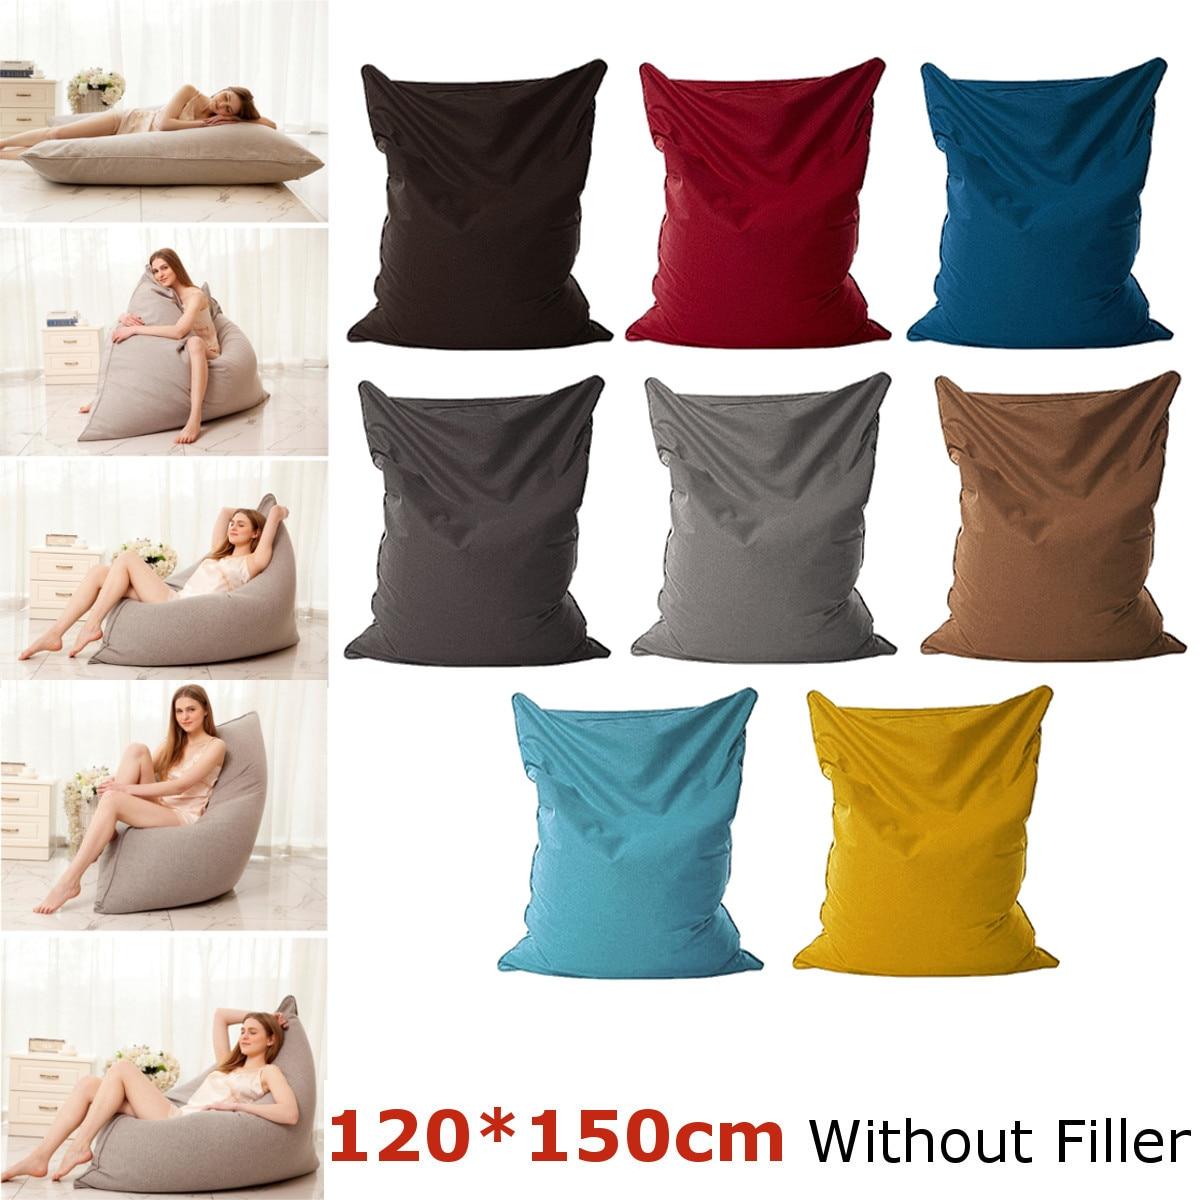 8 types paresseux pouf canapés imperméable à l'eau en peluche stockage des animaux jouet haricot sac solide couleur chaise couverture pouf canapés avec doublure Pol